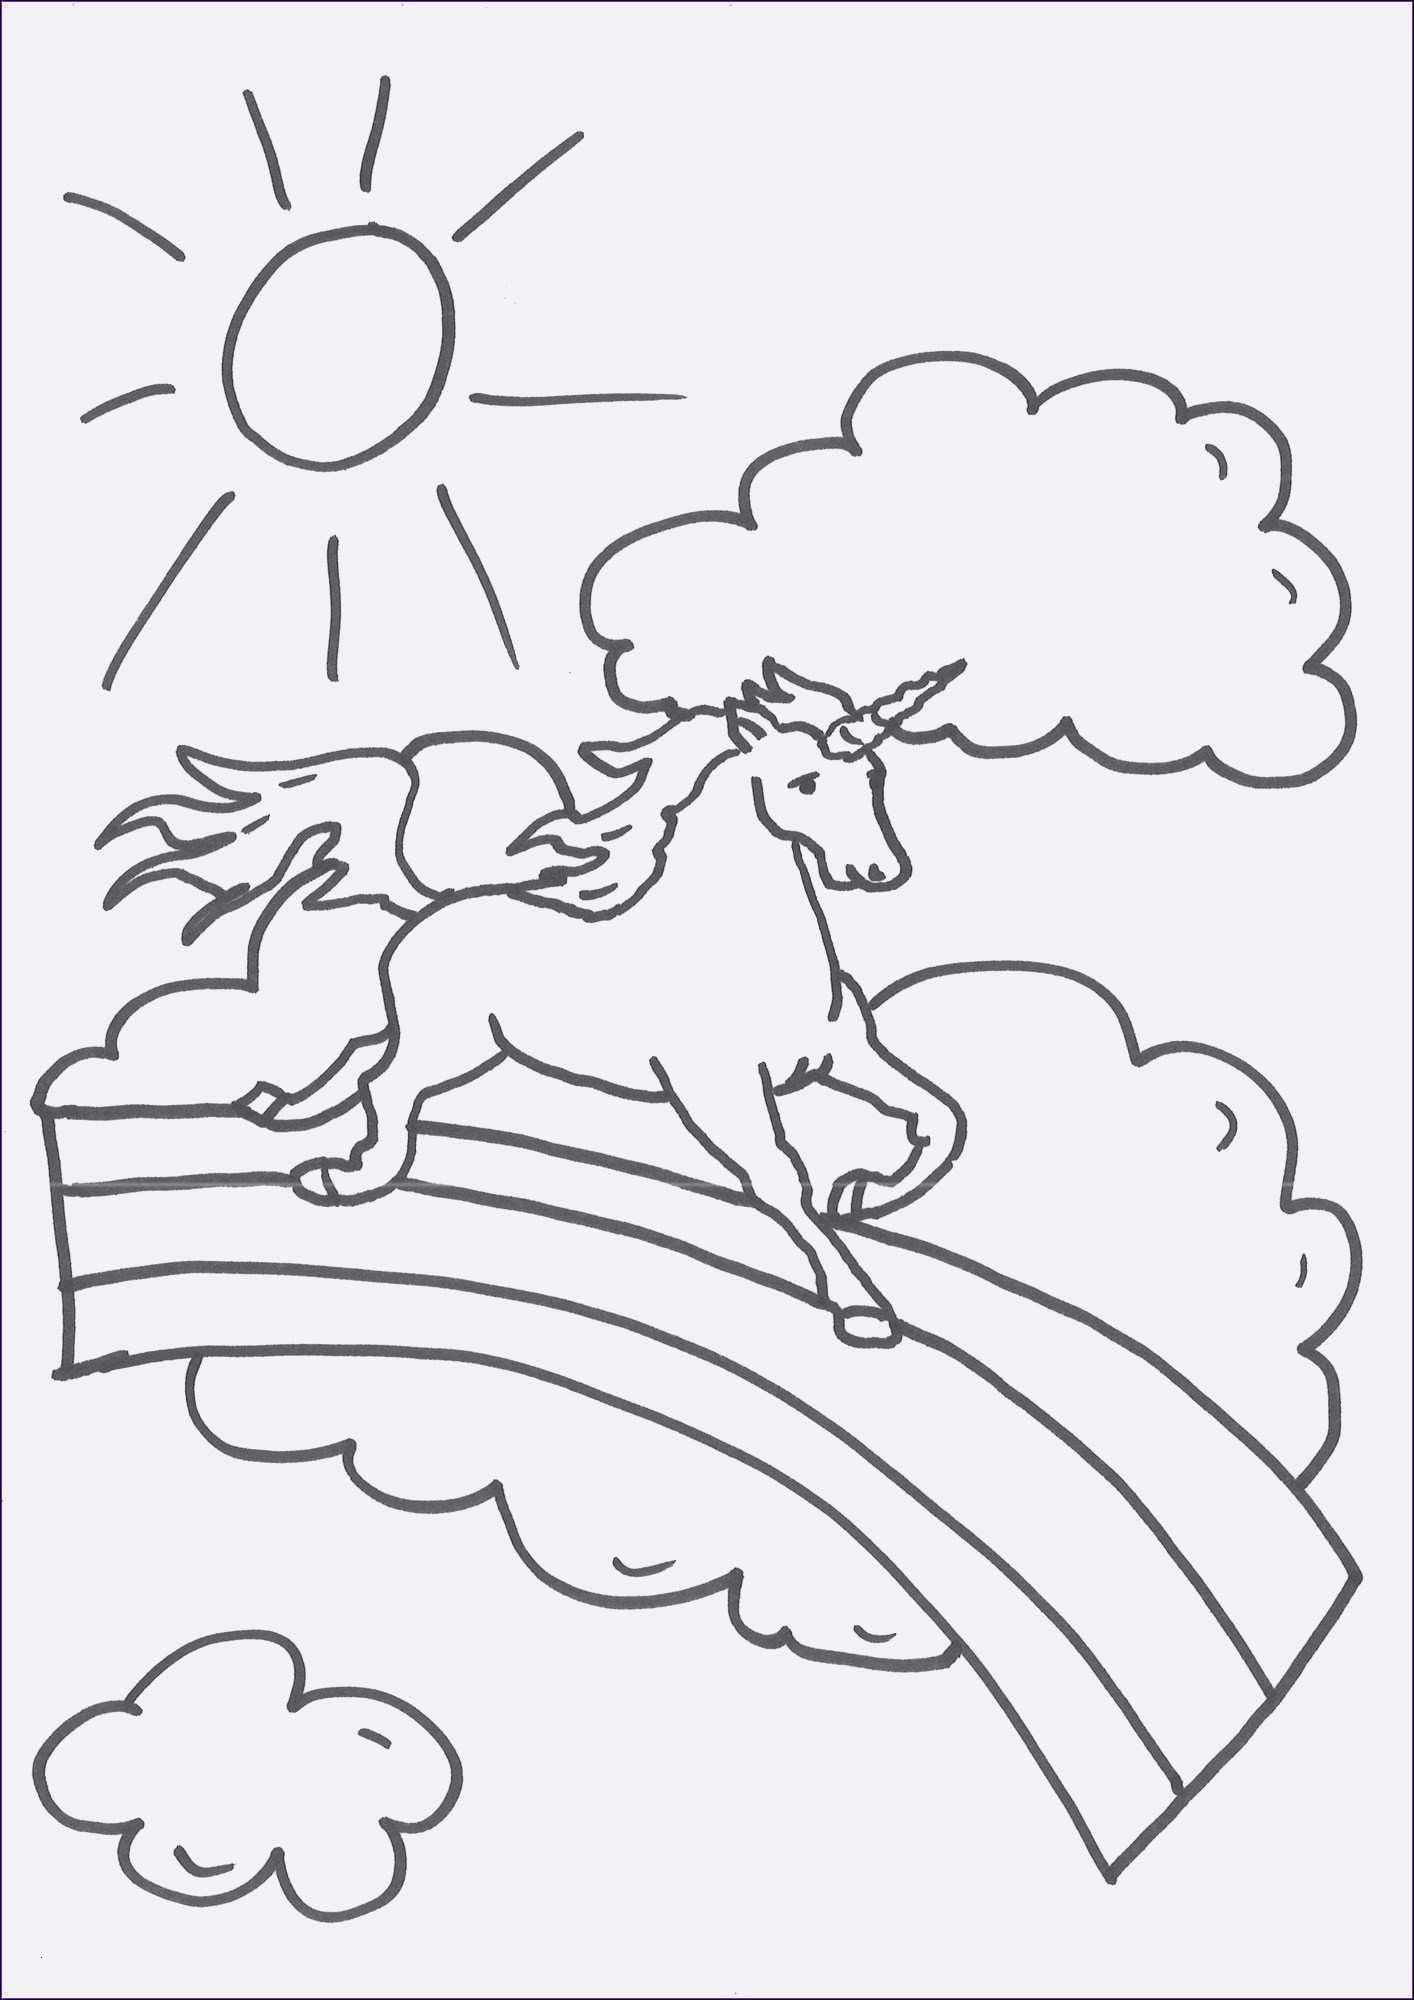 My Little Pony Rainbow Dash Ausmalbilder Inspirierend My Little Pony Bilder Zum Ausmalen Bild – Ausmalbilder Ideen Bilder